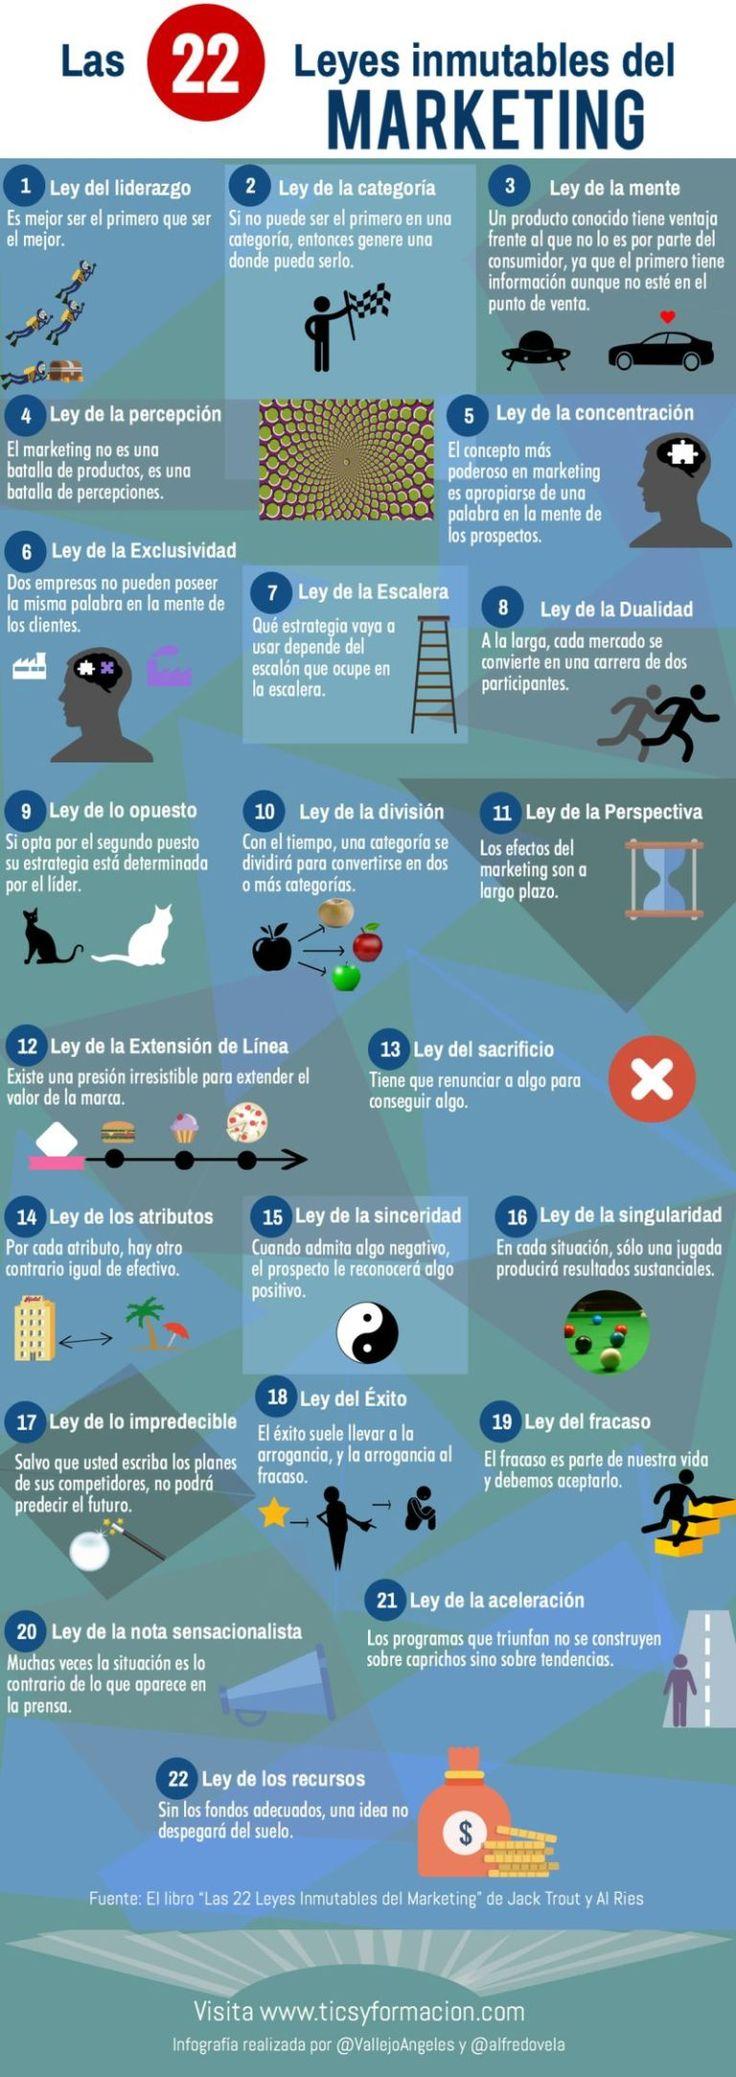 22 Leyes del Marketing - Infografía